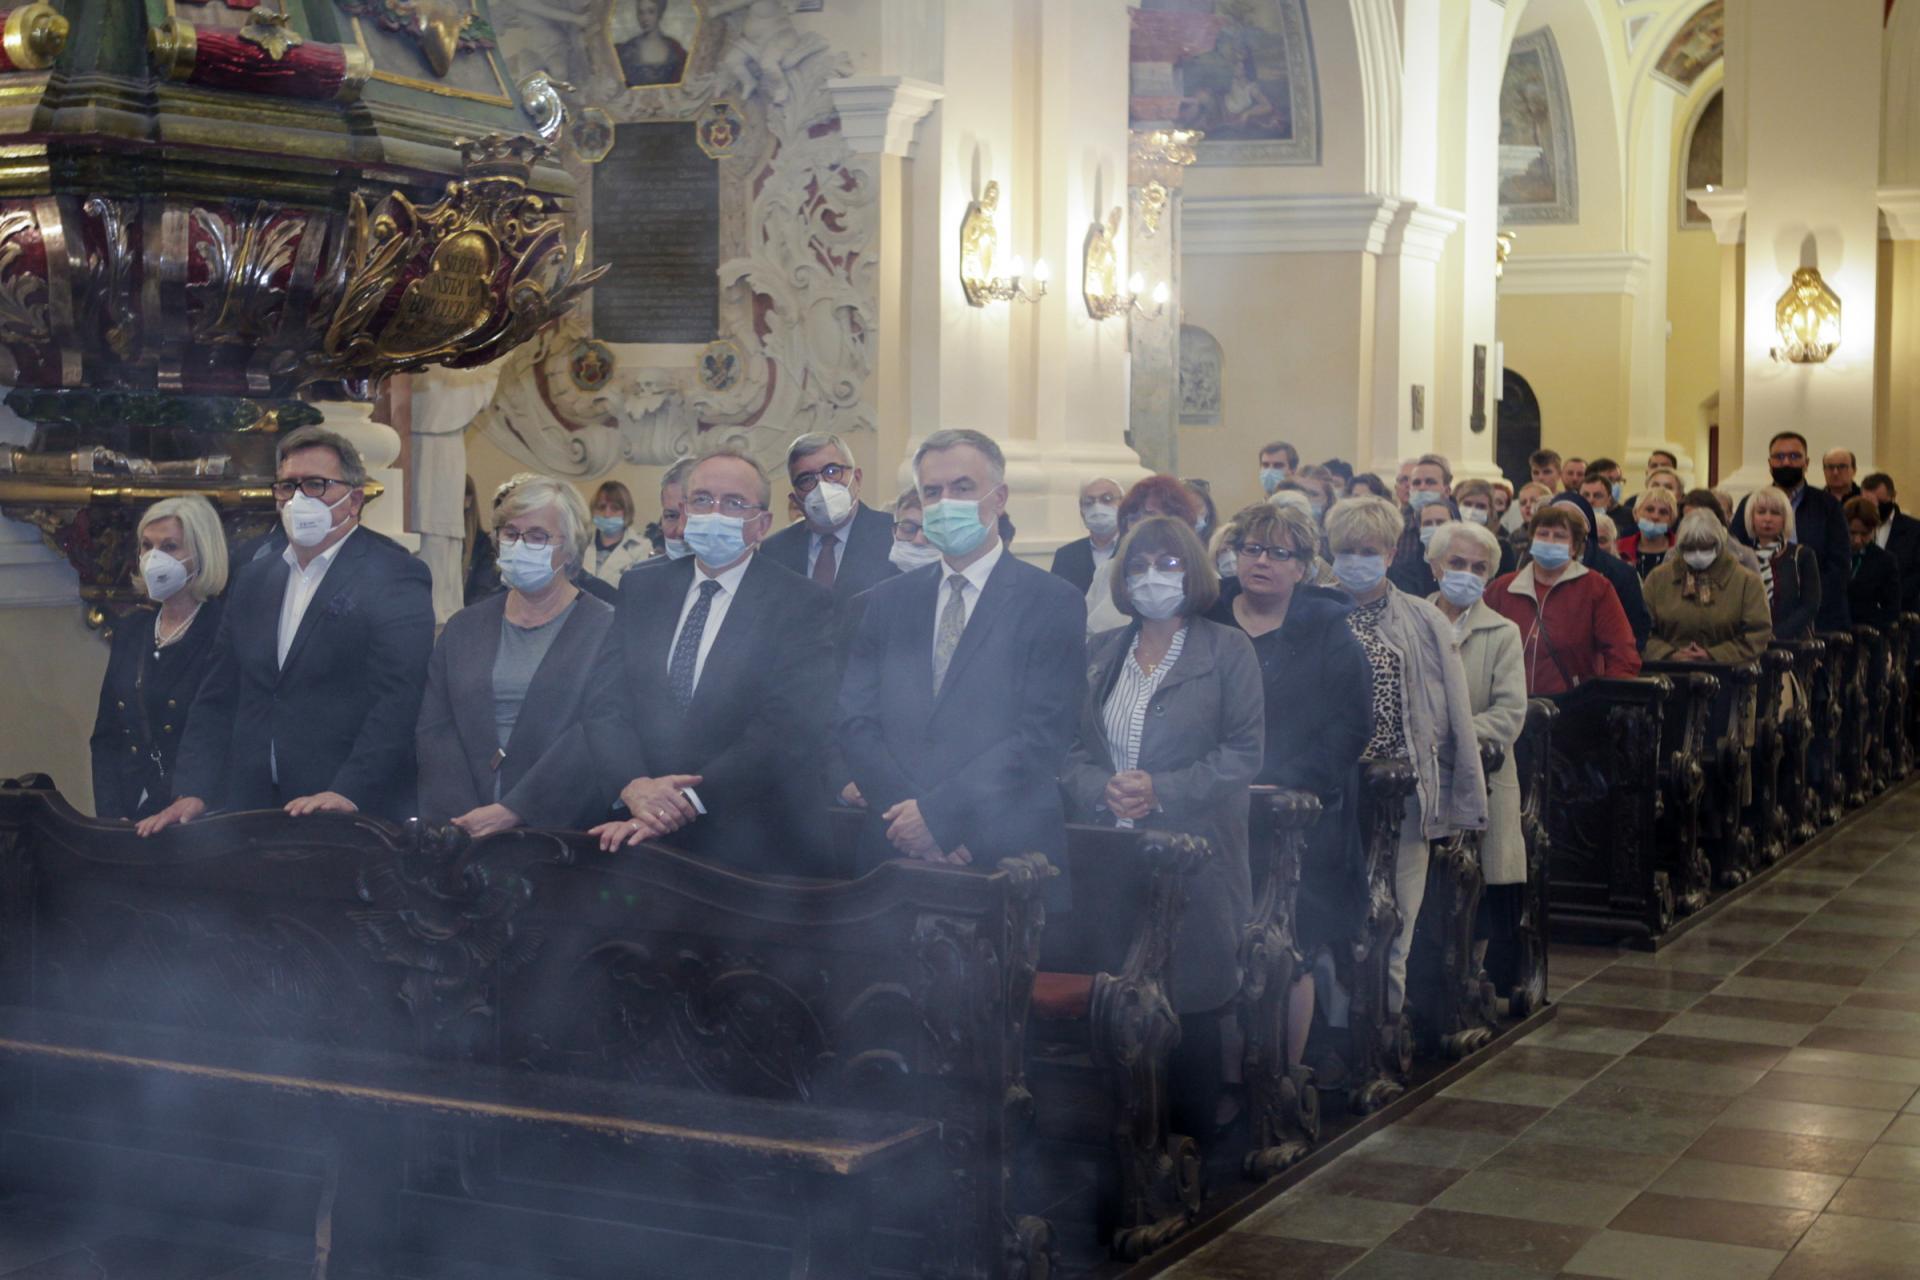 Franciszkanie konwentualni z Poznania przyznali Marszałkowi Markowi Woźniakowi medal